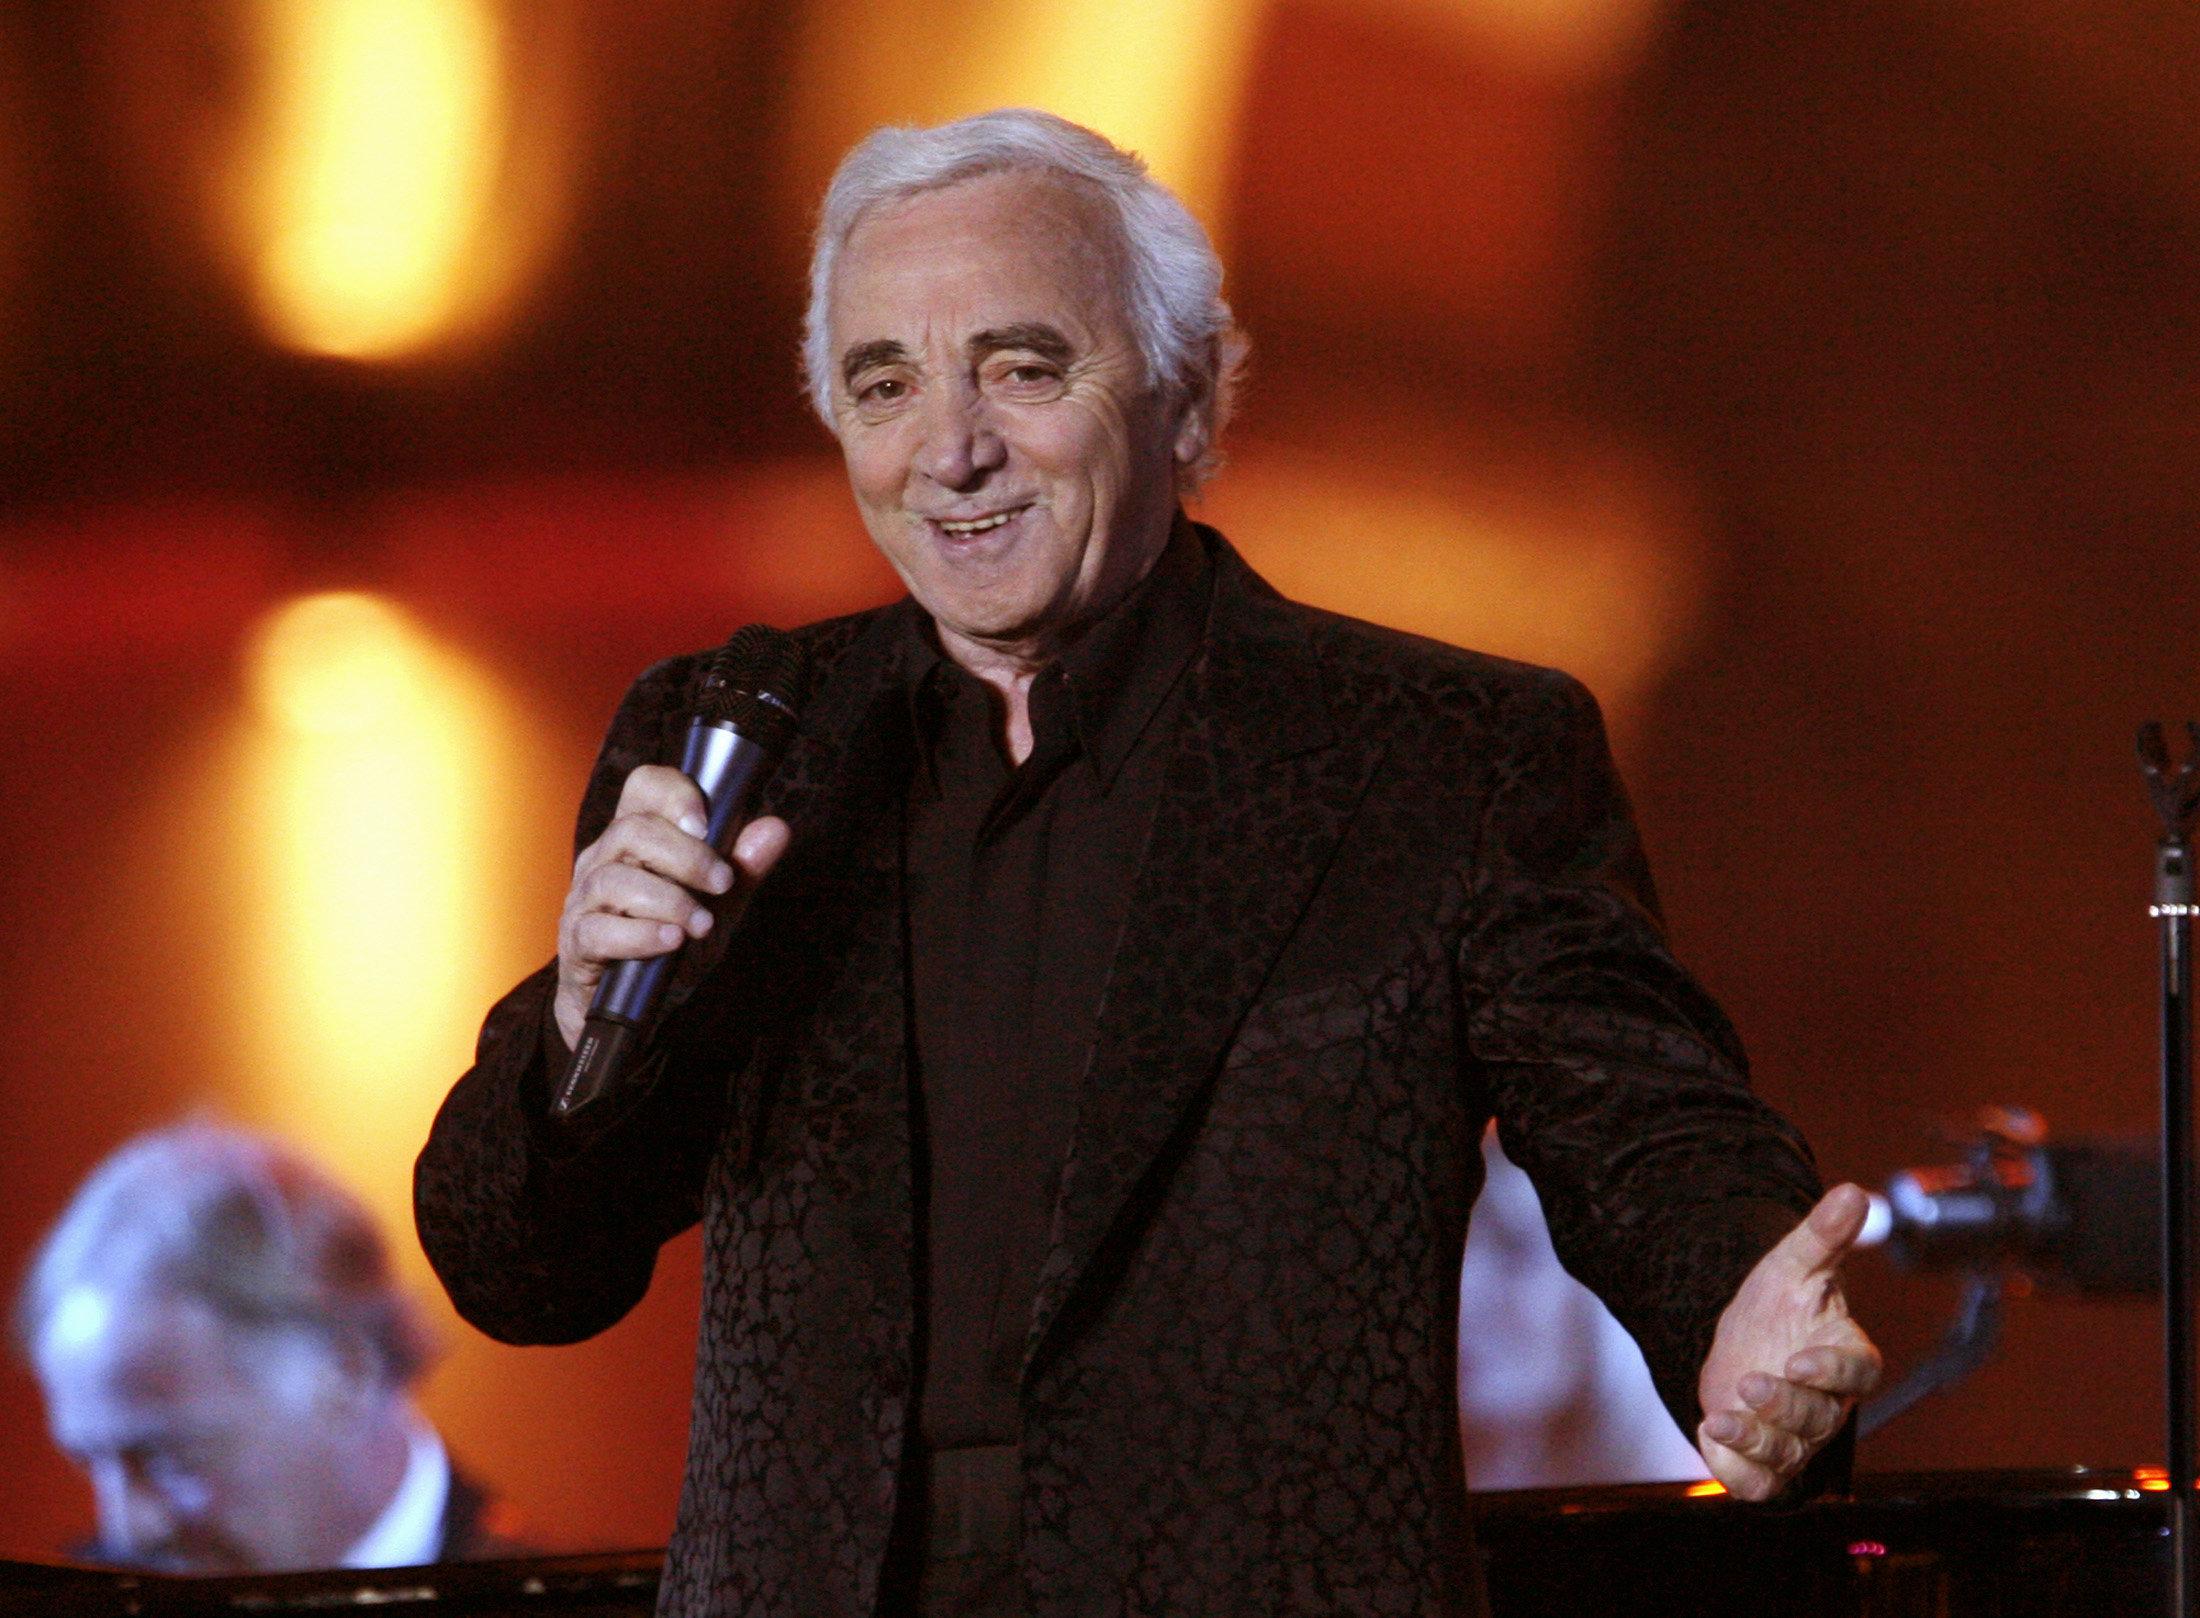 Le chanteur français Charles Aznavour est mort à l'âge de 94